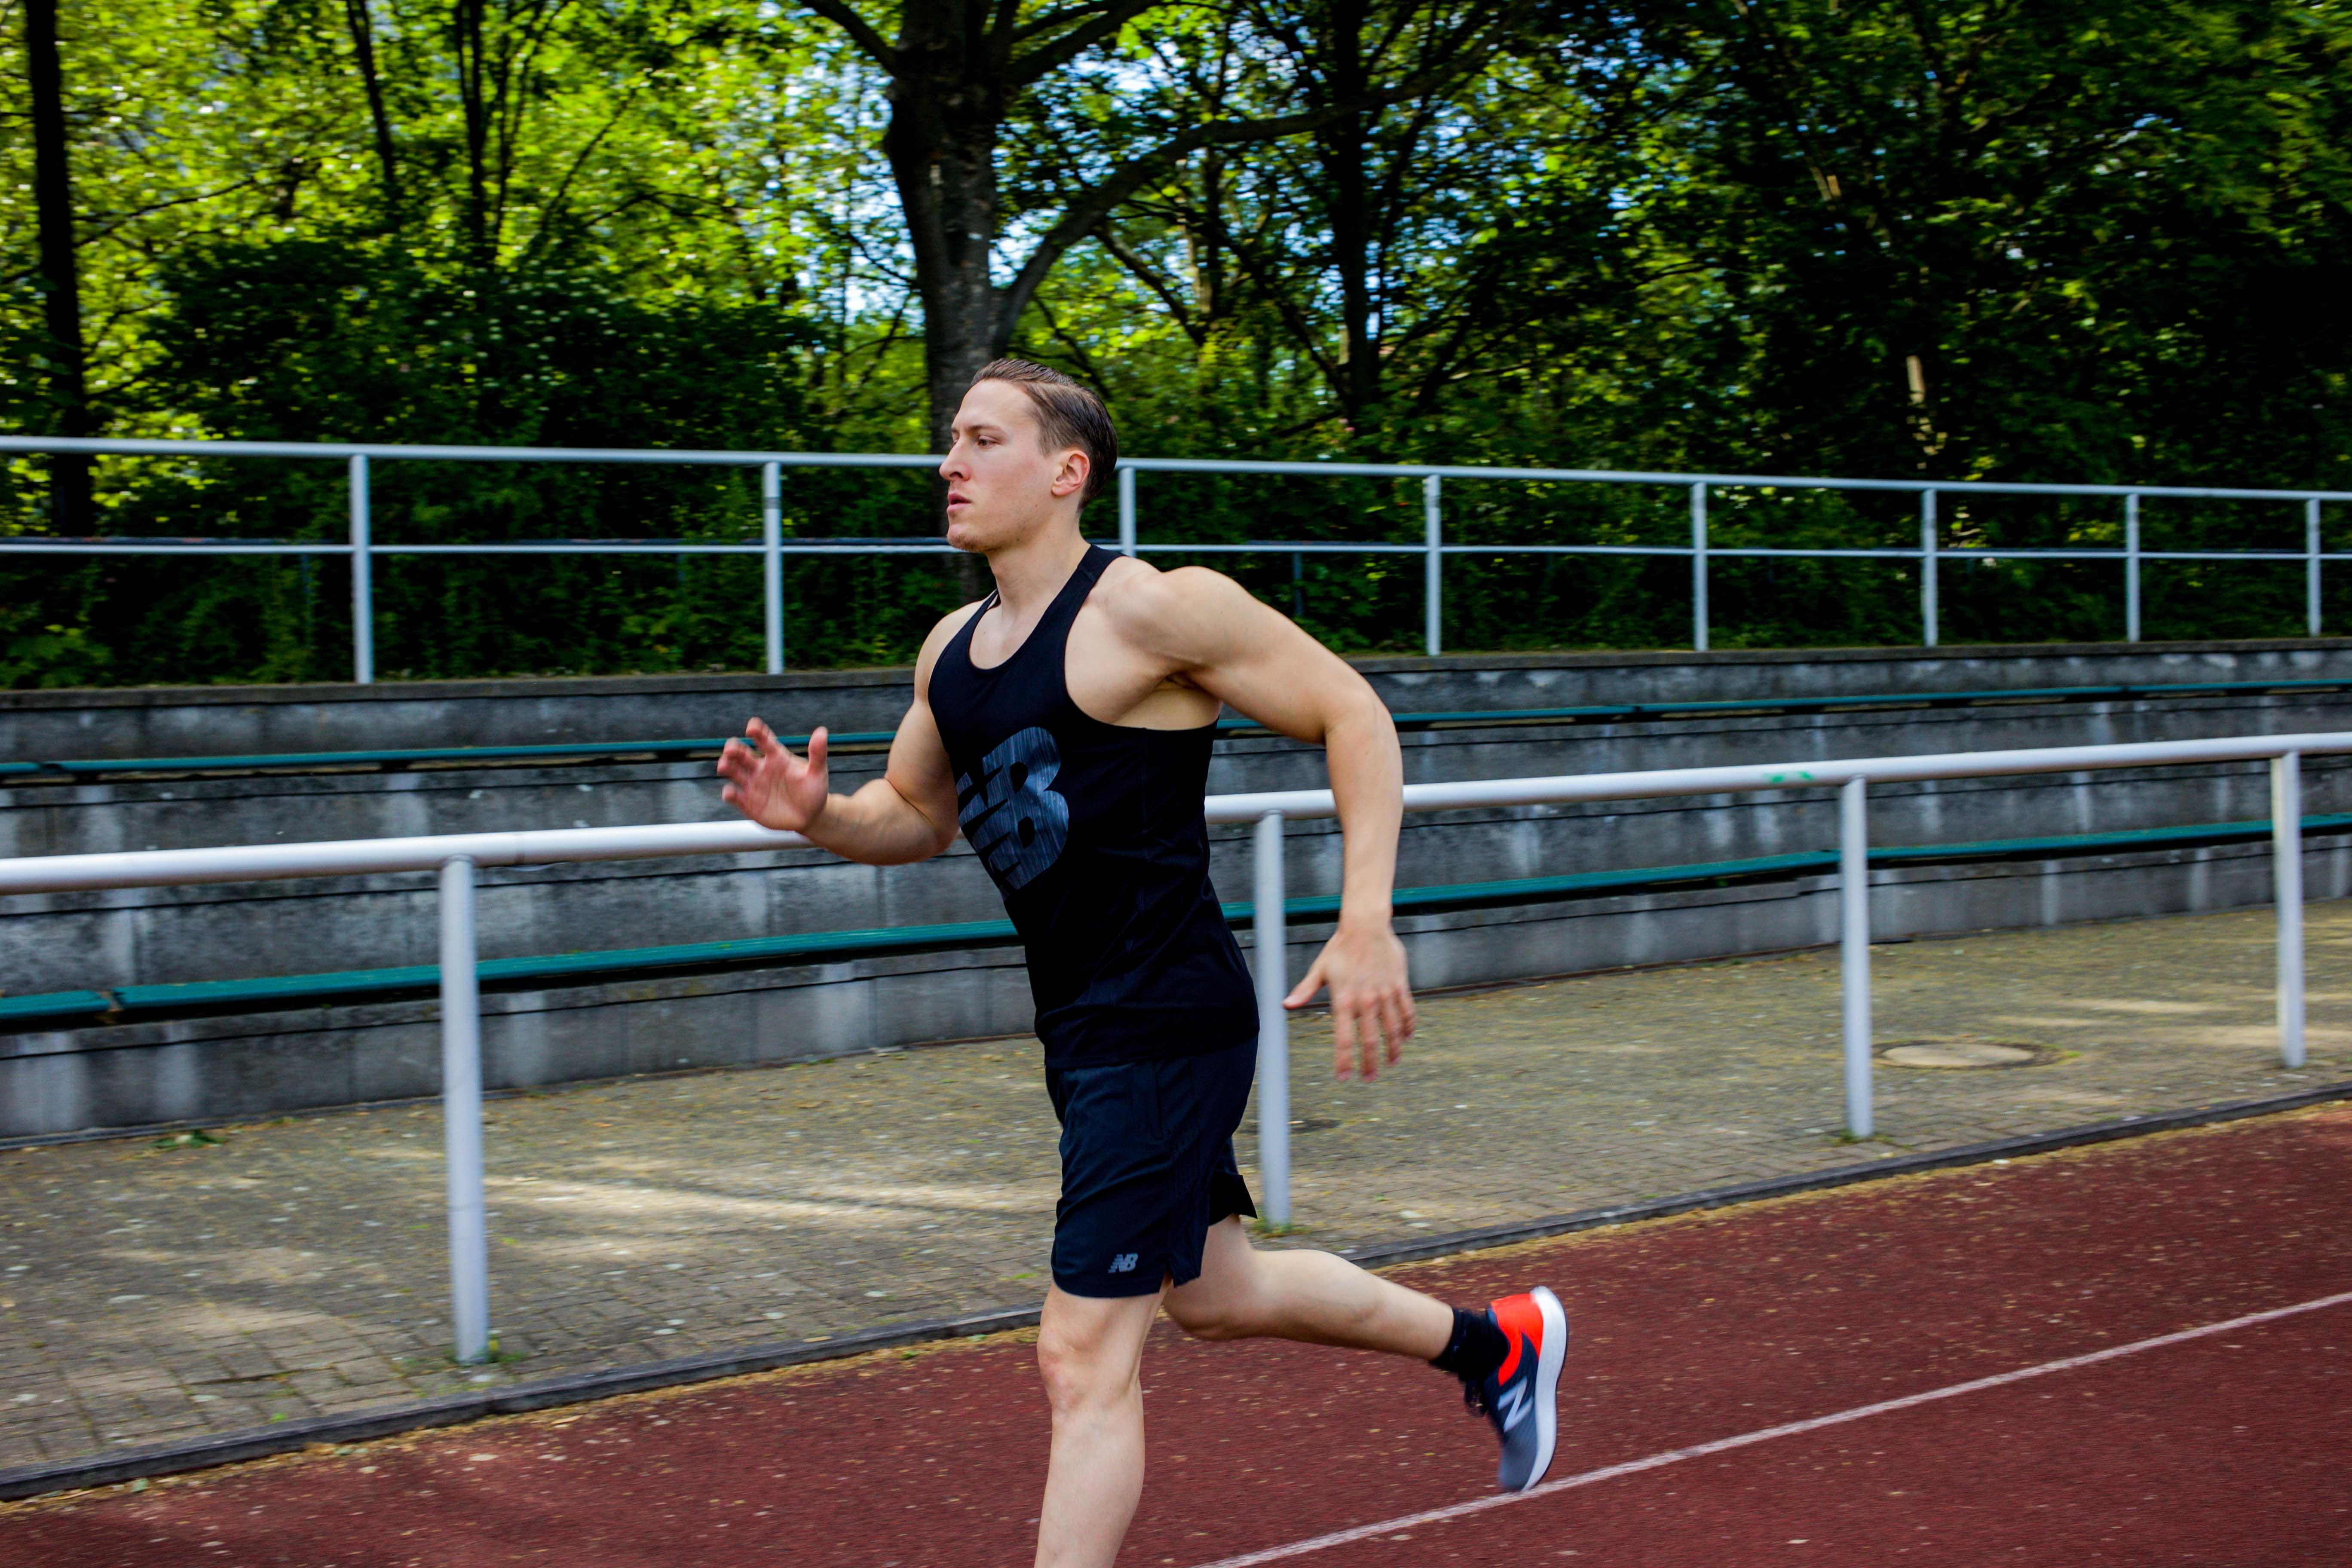 hiit-training-trainingsplan-hochintensives-intervalltraining-vorteile-fitness-sport-ausdauer-abnehmen_6196